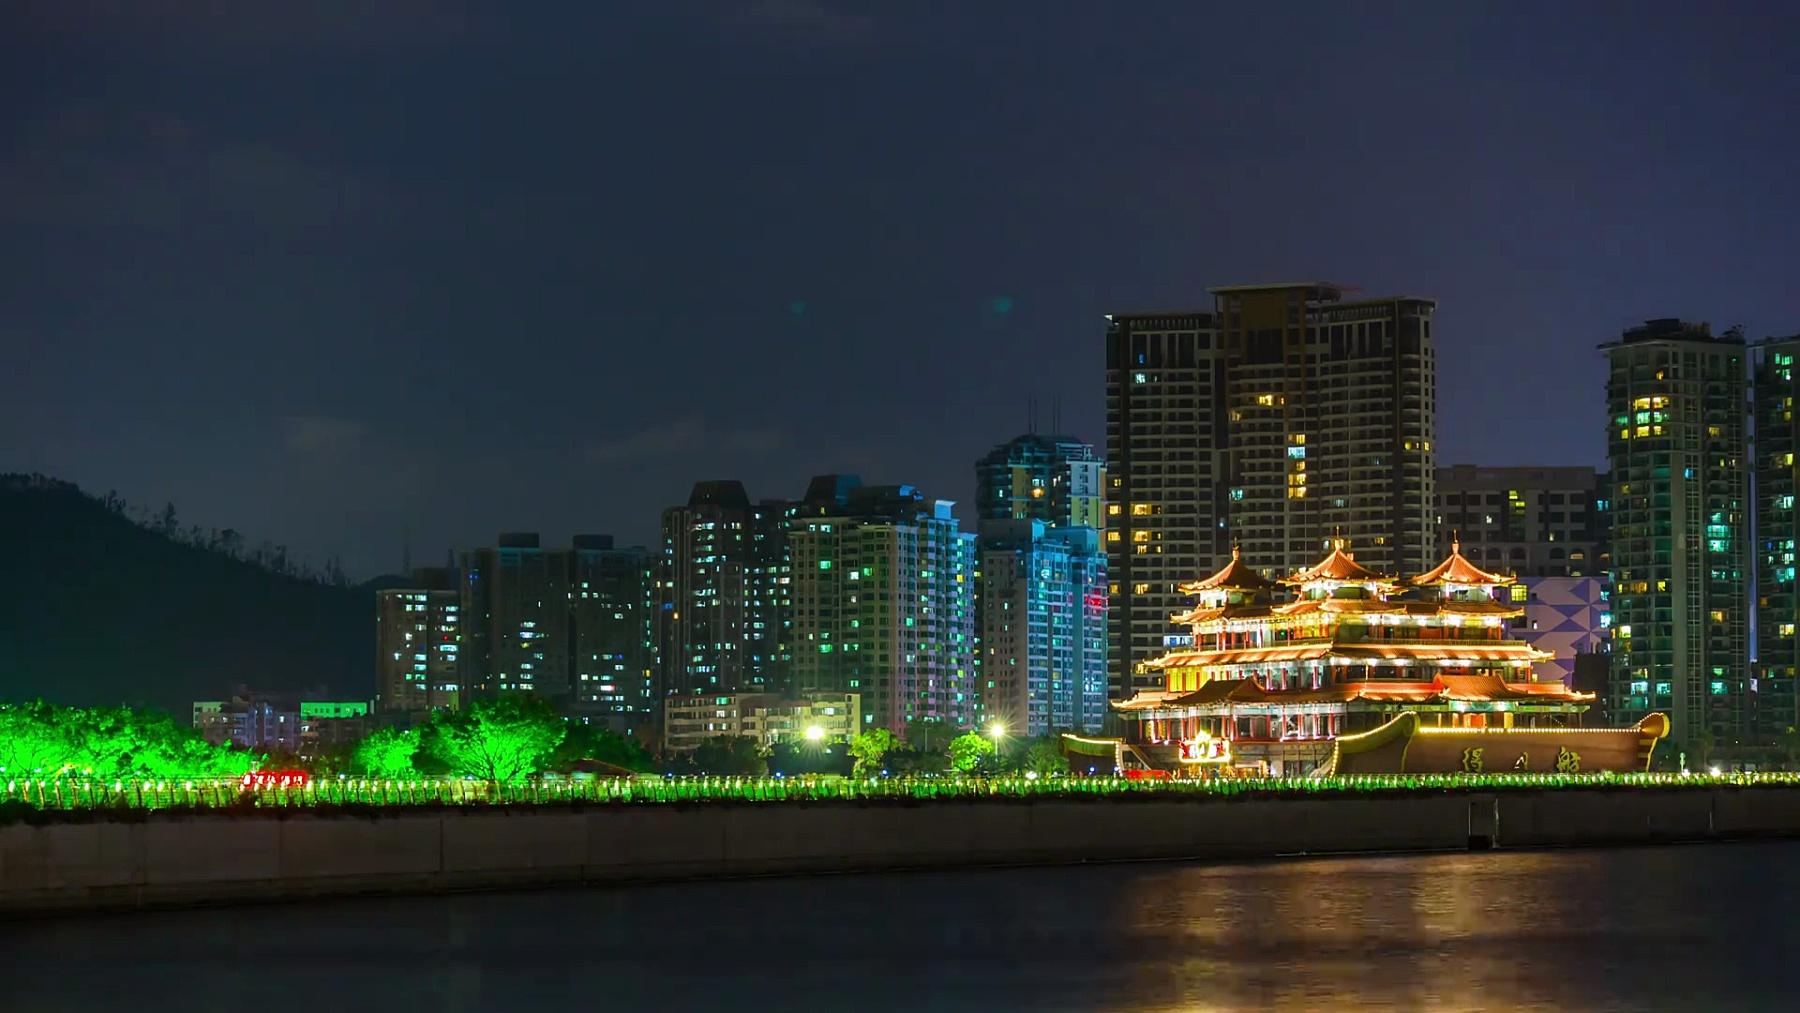 夜间照明珠海市著名海湾餐厅全景 延时中国